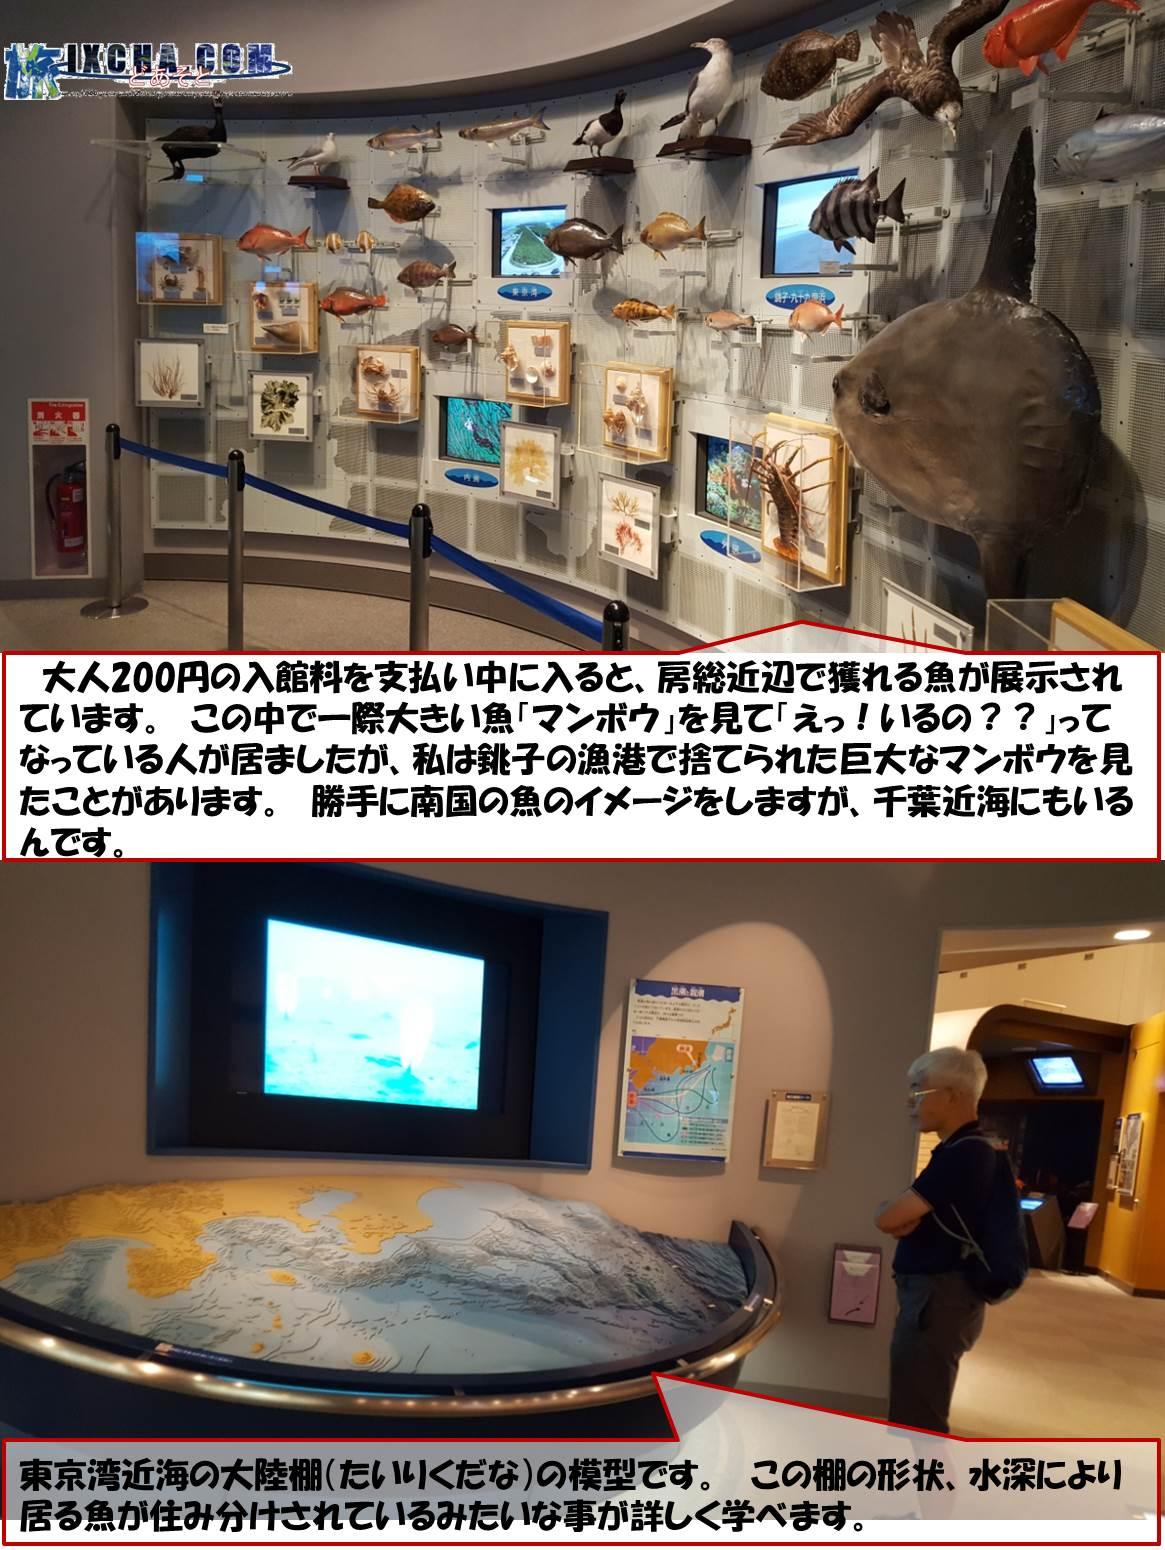 大人200円の入館料を支払い中に入ると、房総近辺で獲れる魚が展示されています。 この中で一際大きい魚「マンボウ」を見て「えっ!いるの??」ってなっている人が居ましたが、私は銚子の漁港で捨てられた巨大なマンボウを見たことがあります。 勝手に南国の魚のイメージをしますが、千葉近海にもいるんです。 東京湾近海の大陸棚(たいりくだな)の模型です。 この棚の形状、水深により居る魚が住み分けされているみたいな事が詳しく学べます。